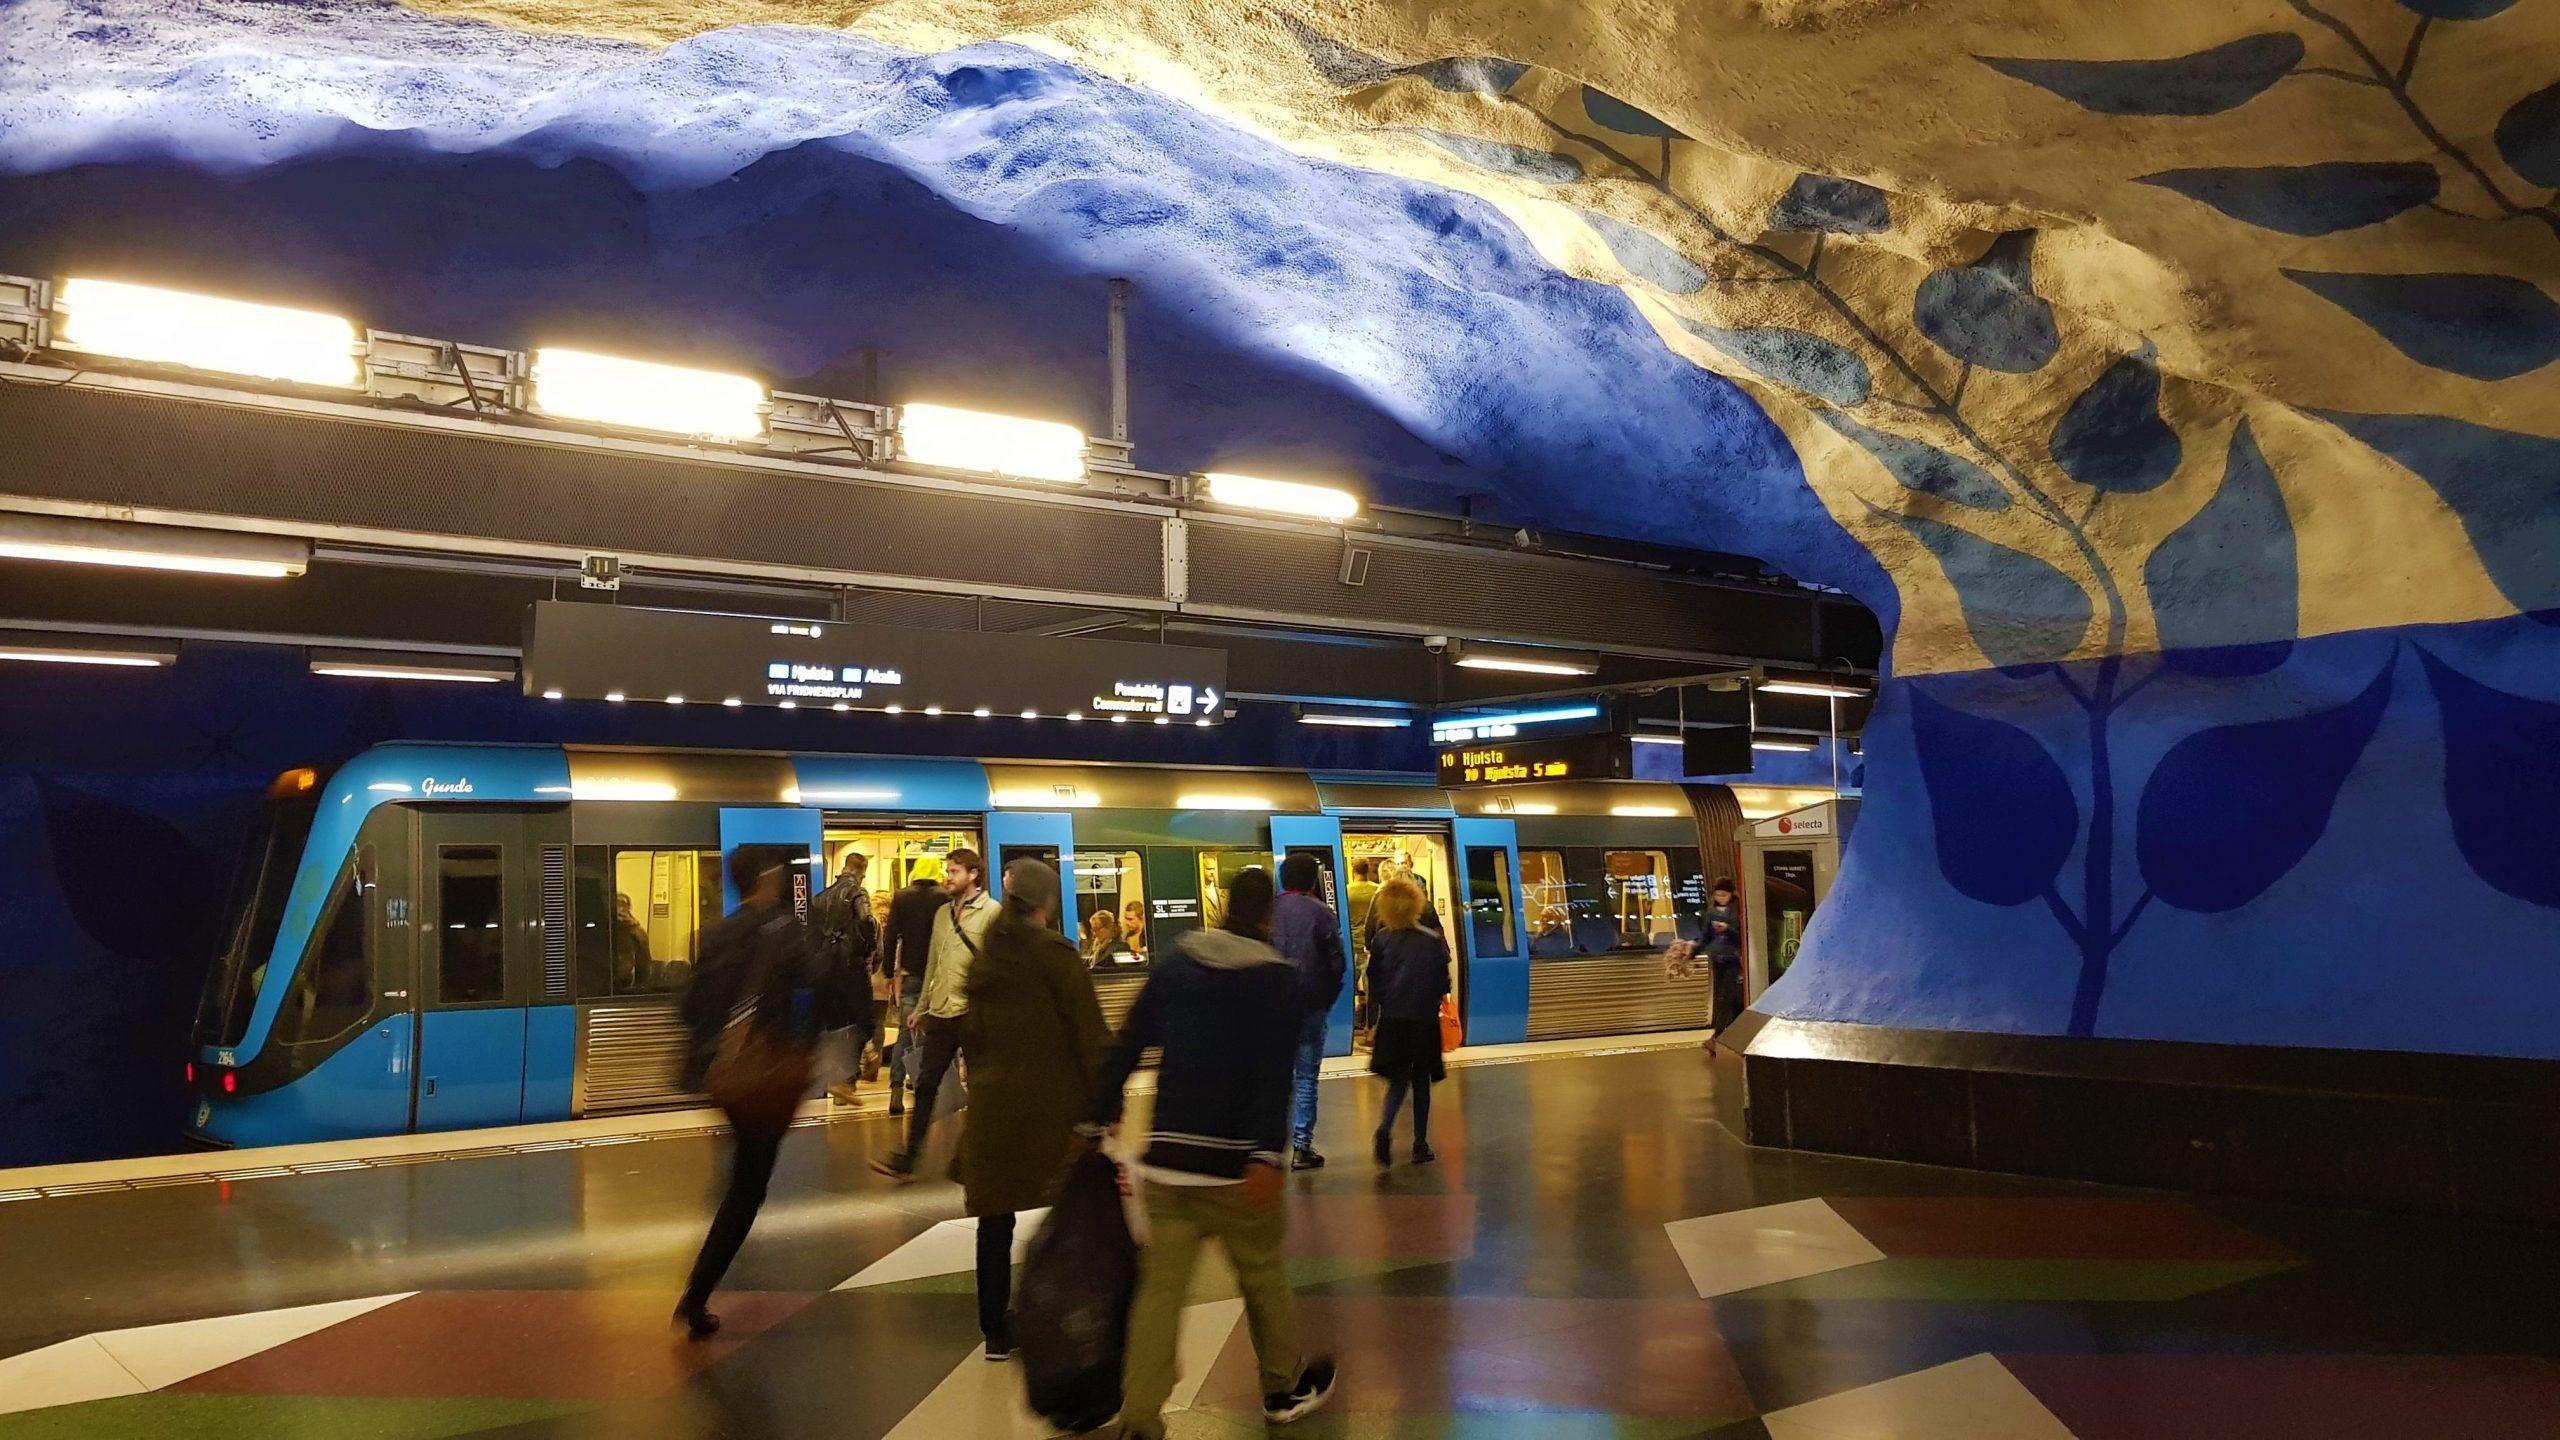 Parada de metro T centralen , que es una cueva con decoración Vikinga donde predomina el azul.